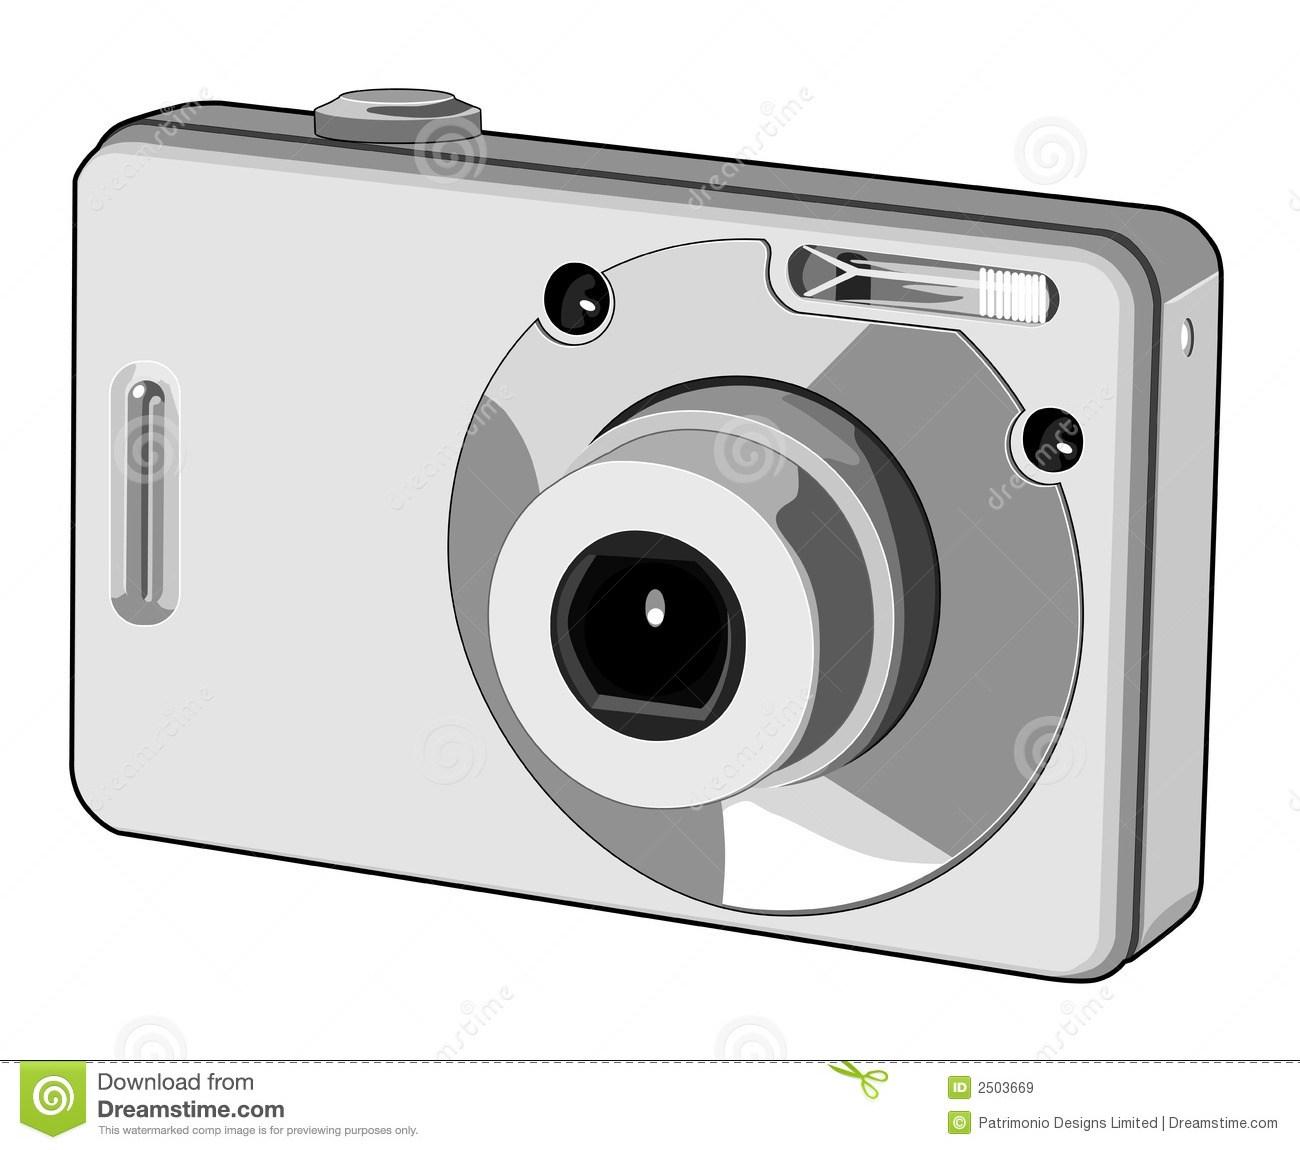 Digital camera clipart 1 » Clipart Portal.